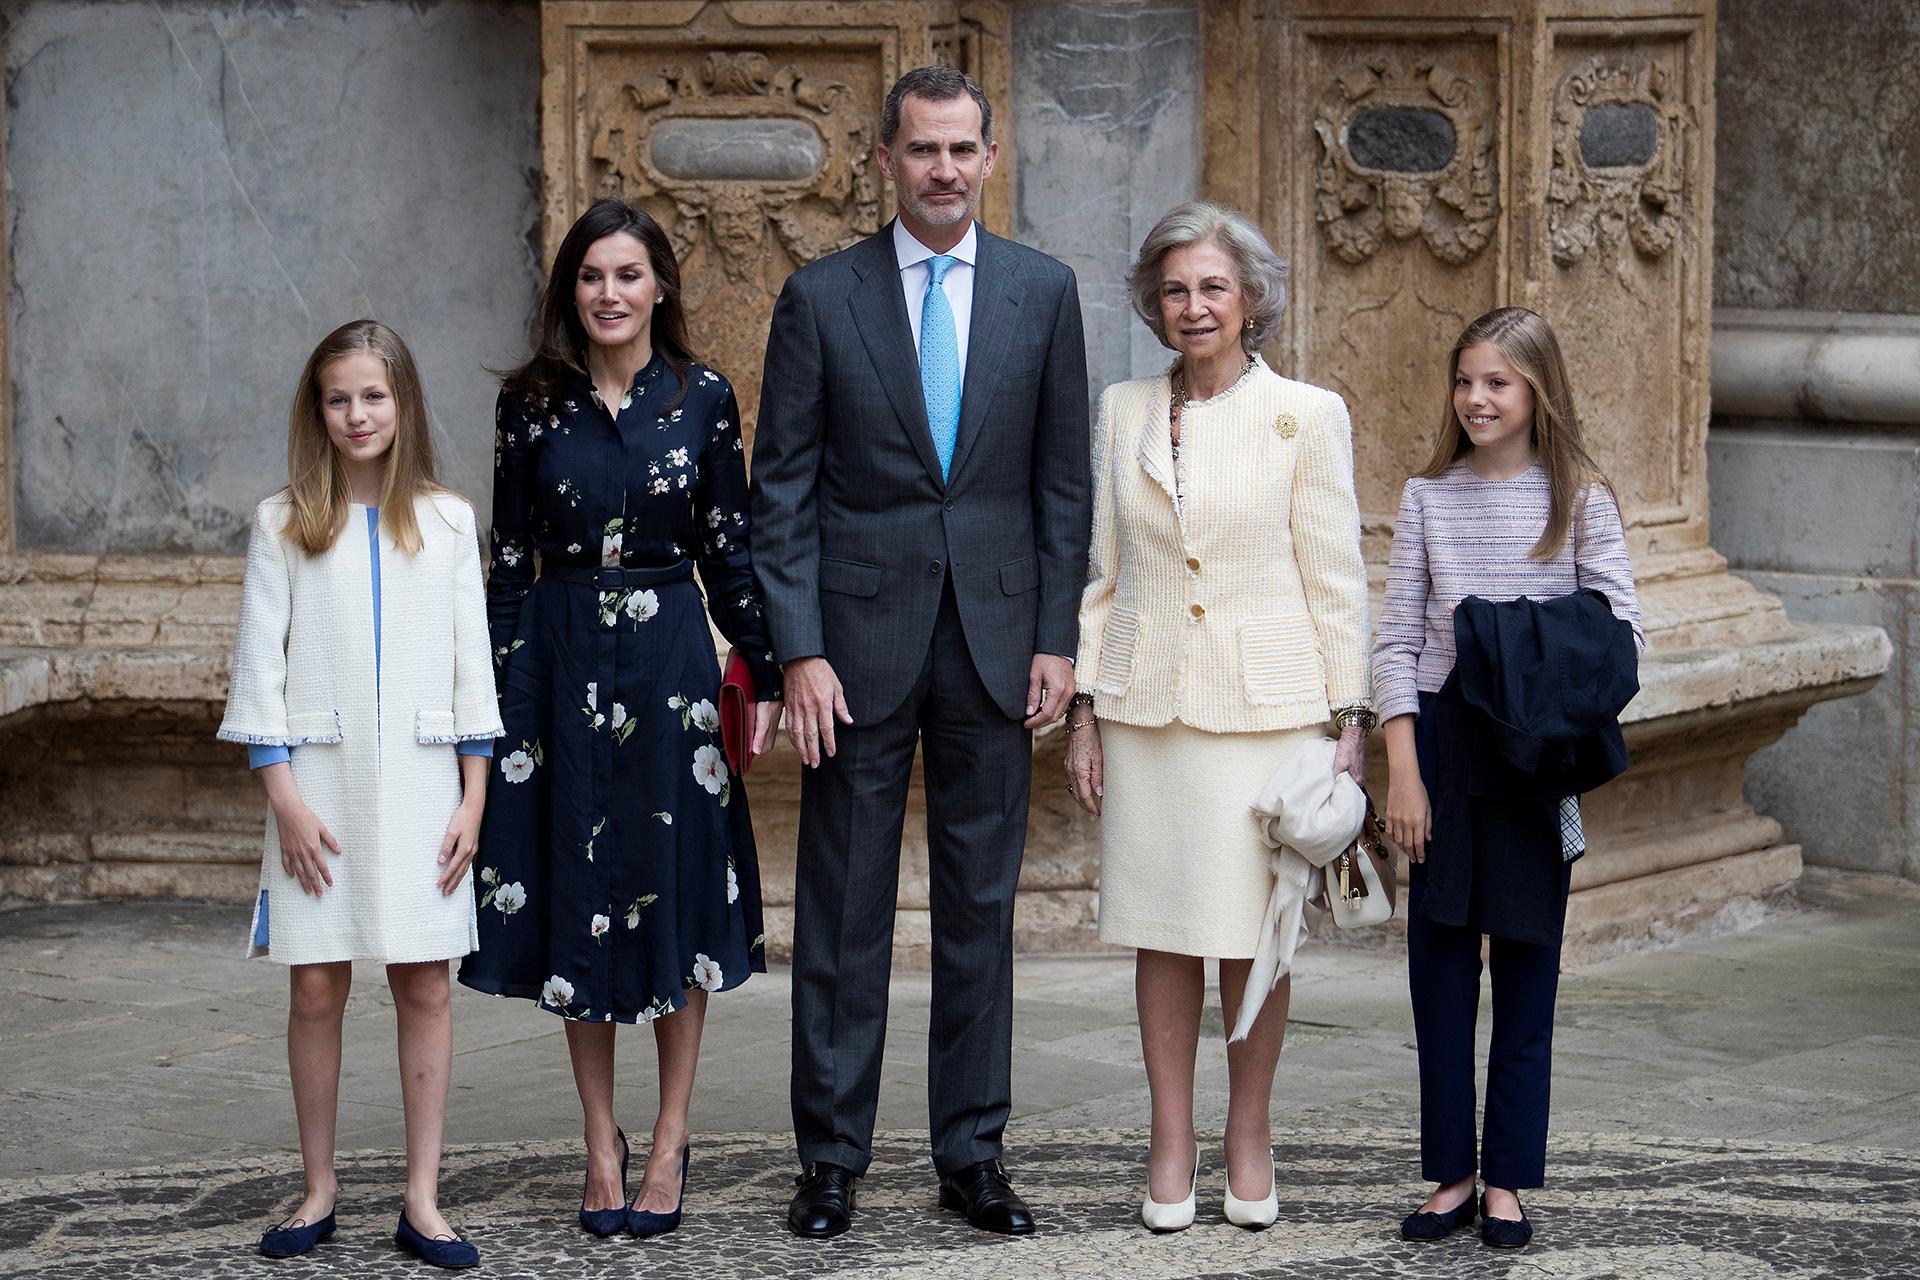 La familia real de España a su llegada a la misa de Pascuas de Resurrección, en Palma de Mallorca